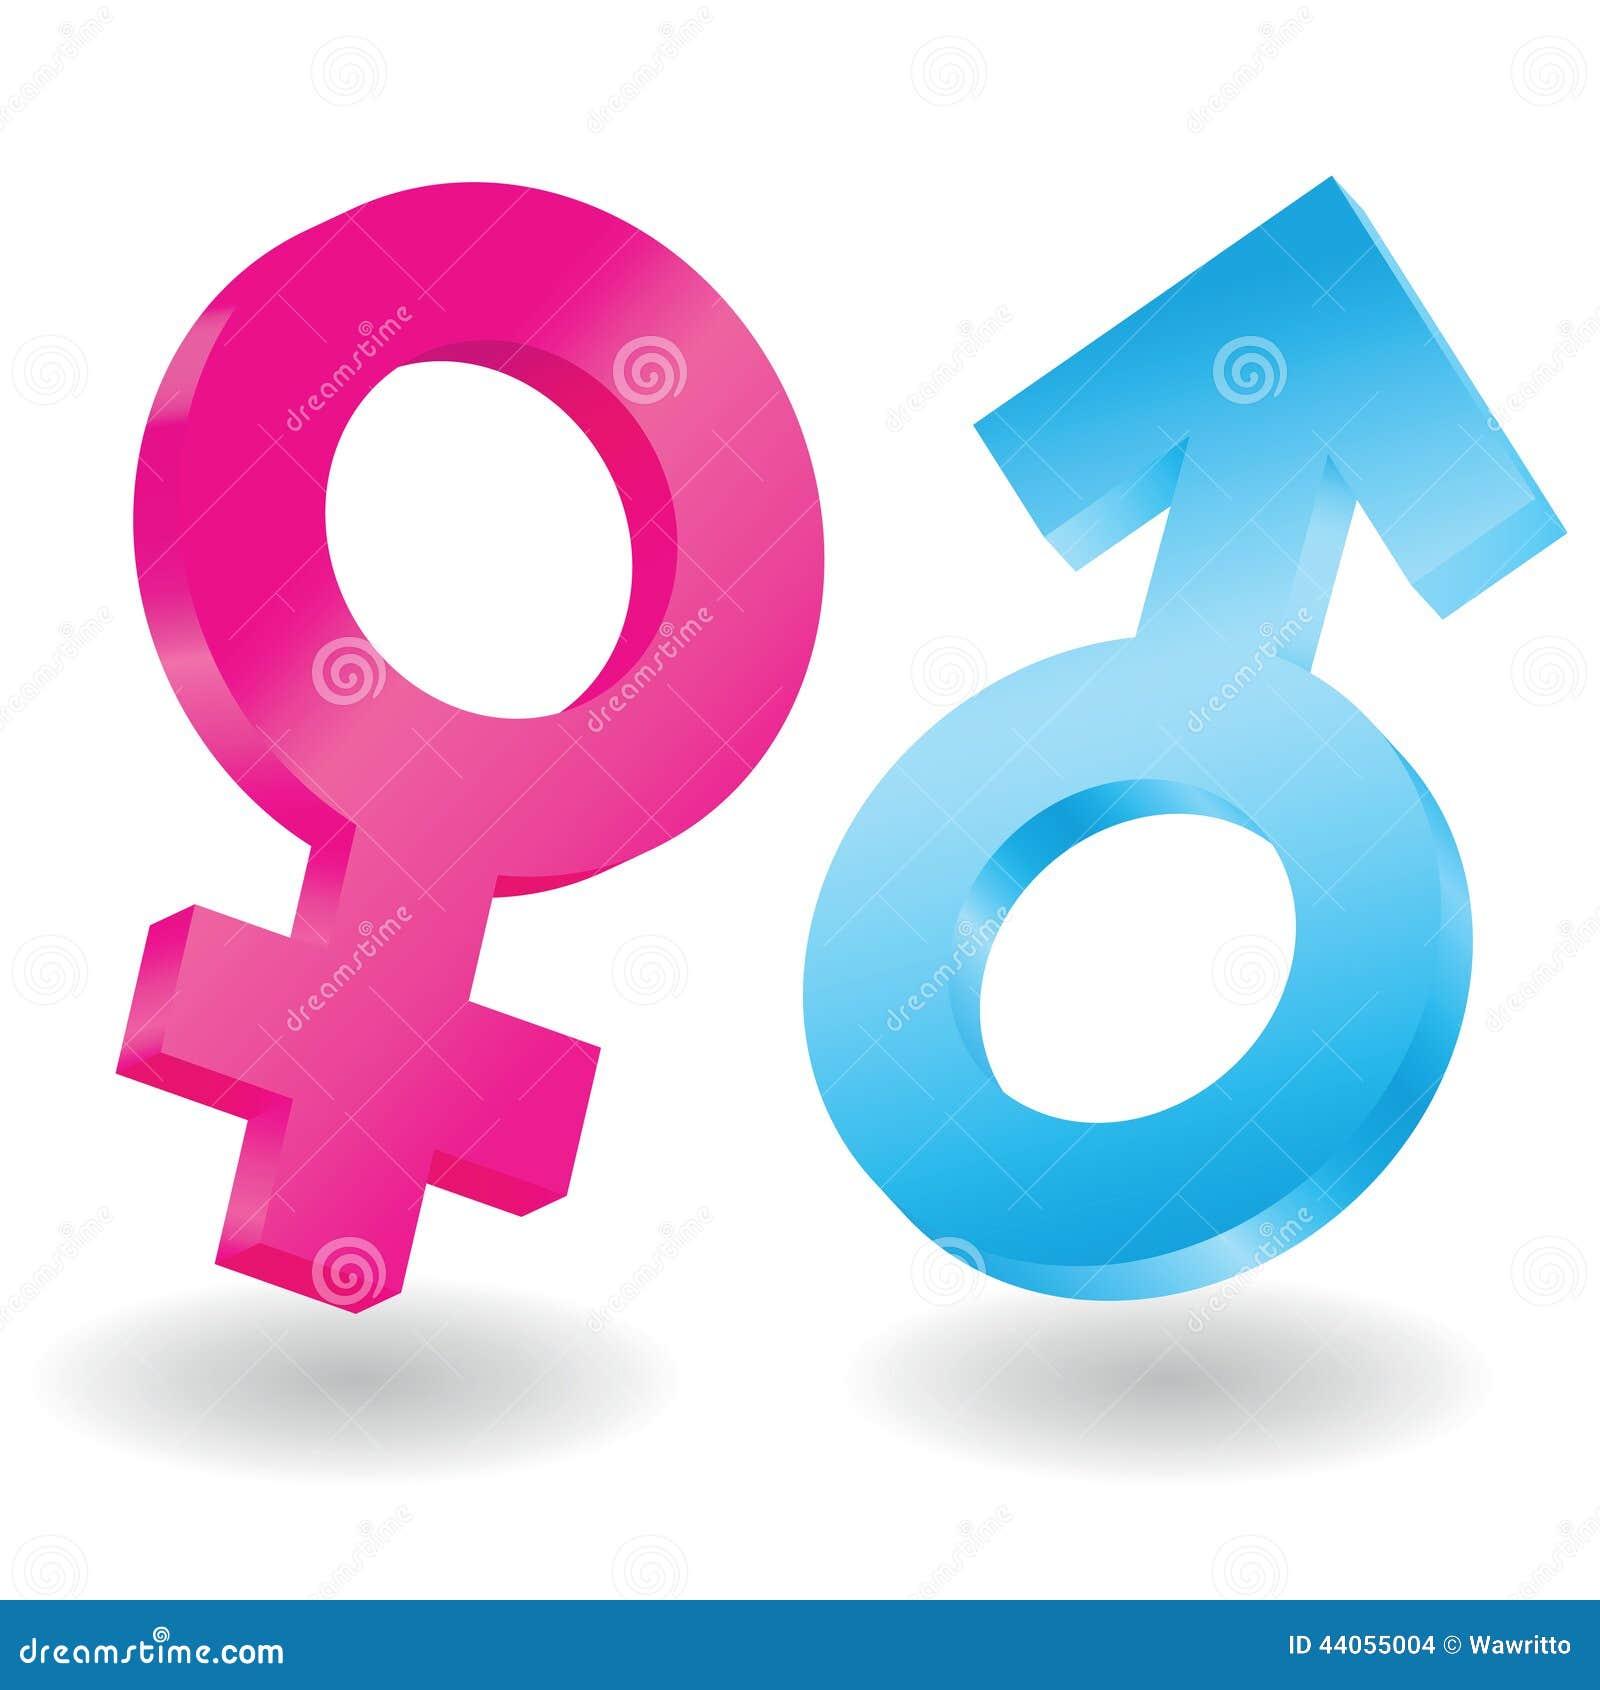 Female symbols background stock illustration illustration of pink 3d illustration of male and female symbols on white background stock images buycottarizona